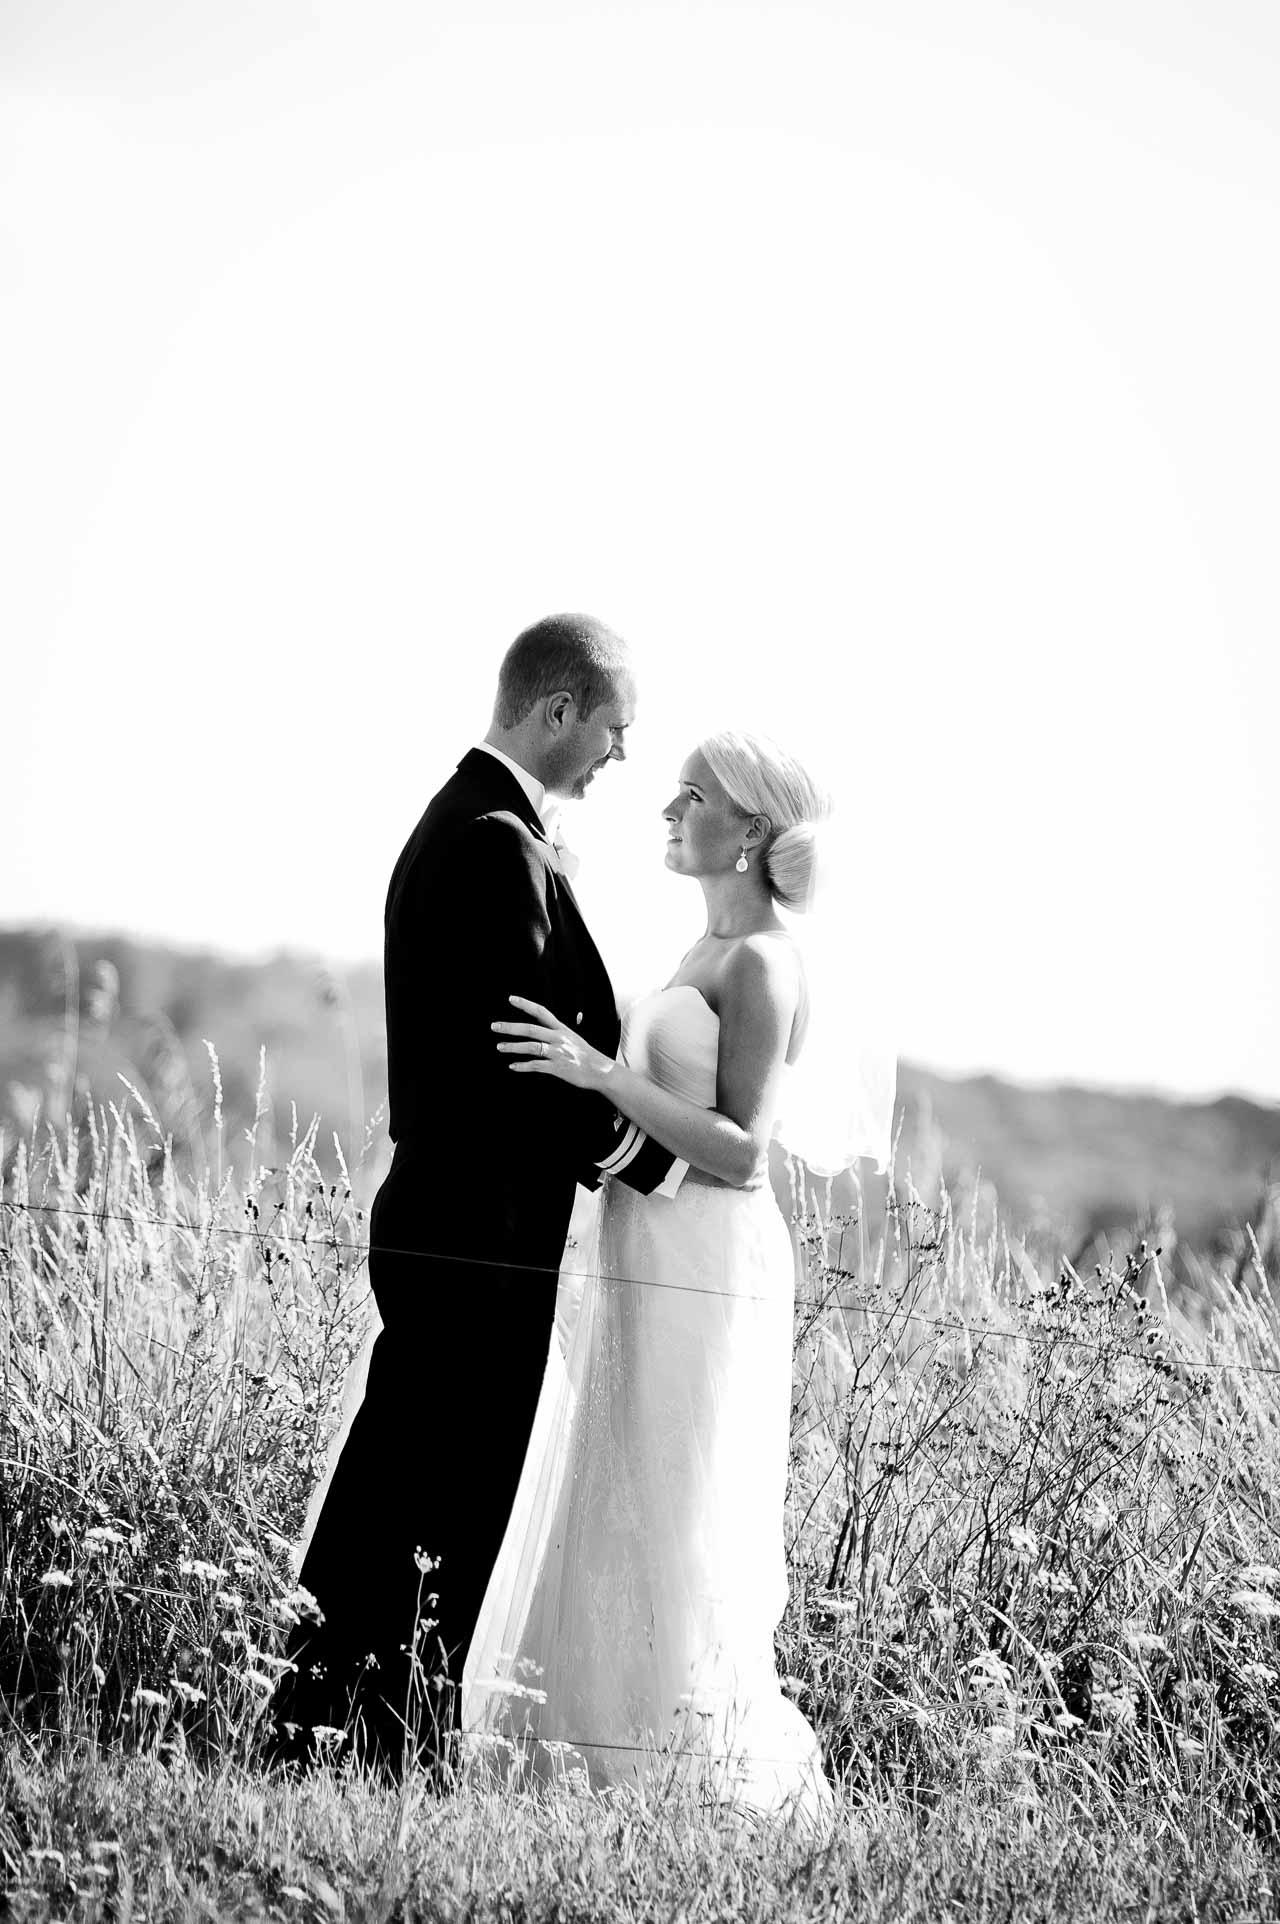 Øbjerggaard – Bryllupper, hestevognskørsel